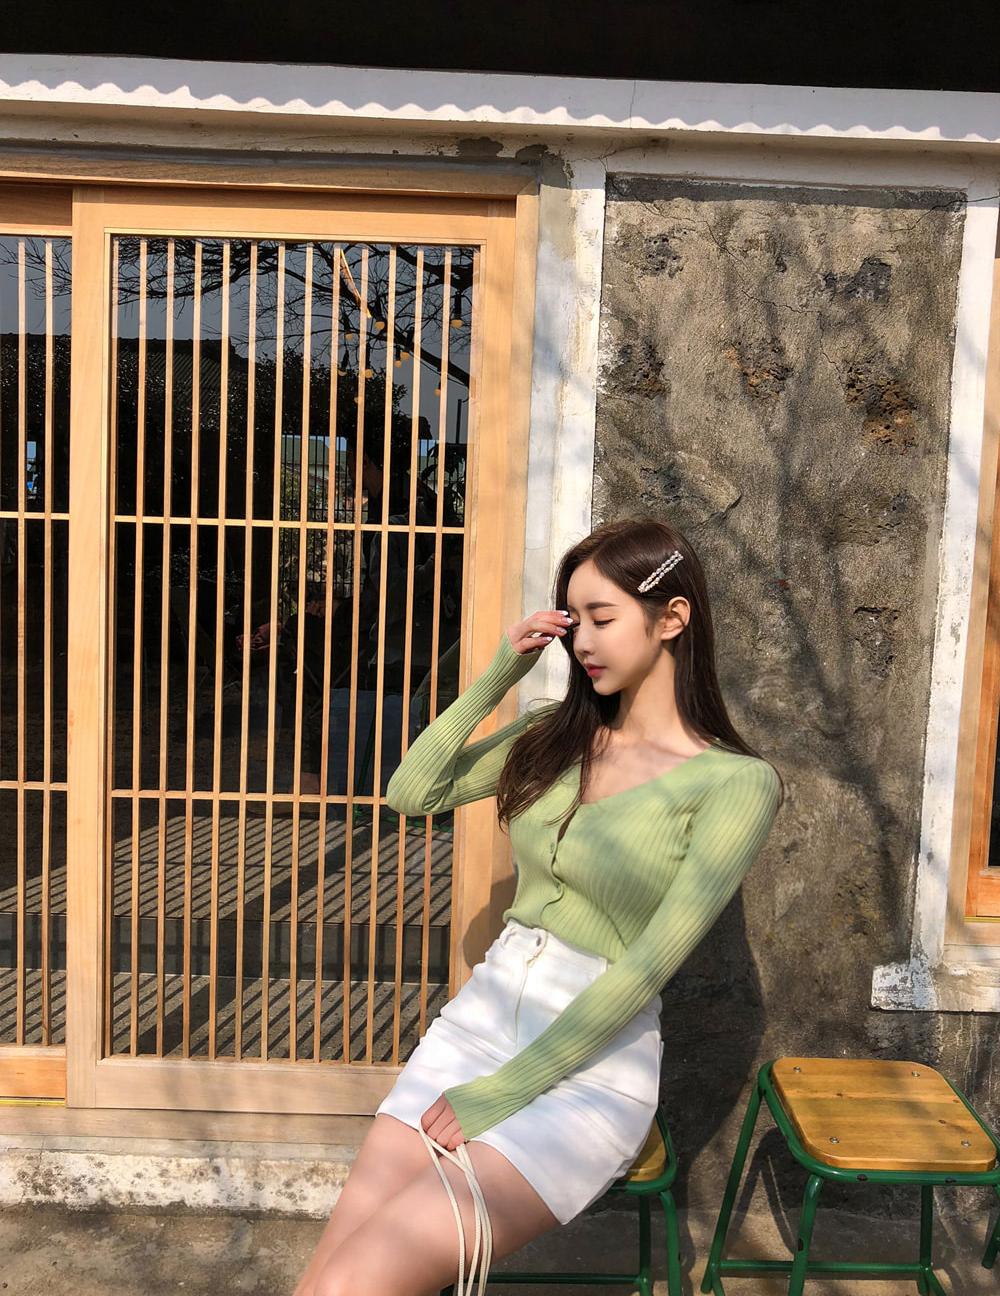 珠珠回农村体验生活!孙允珠性感草绿色上衣,回农村是相亲的吗?